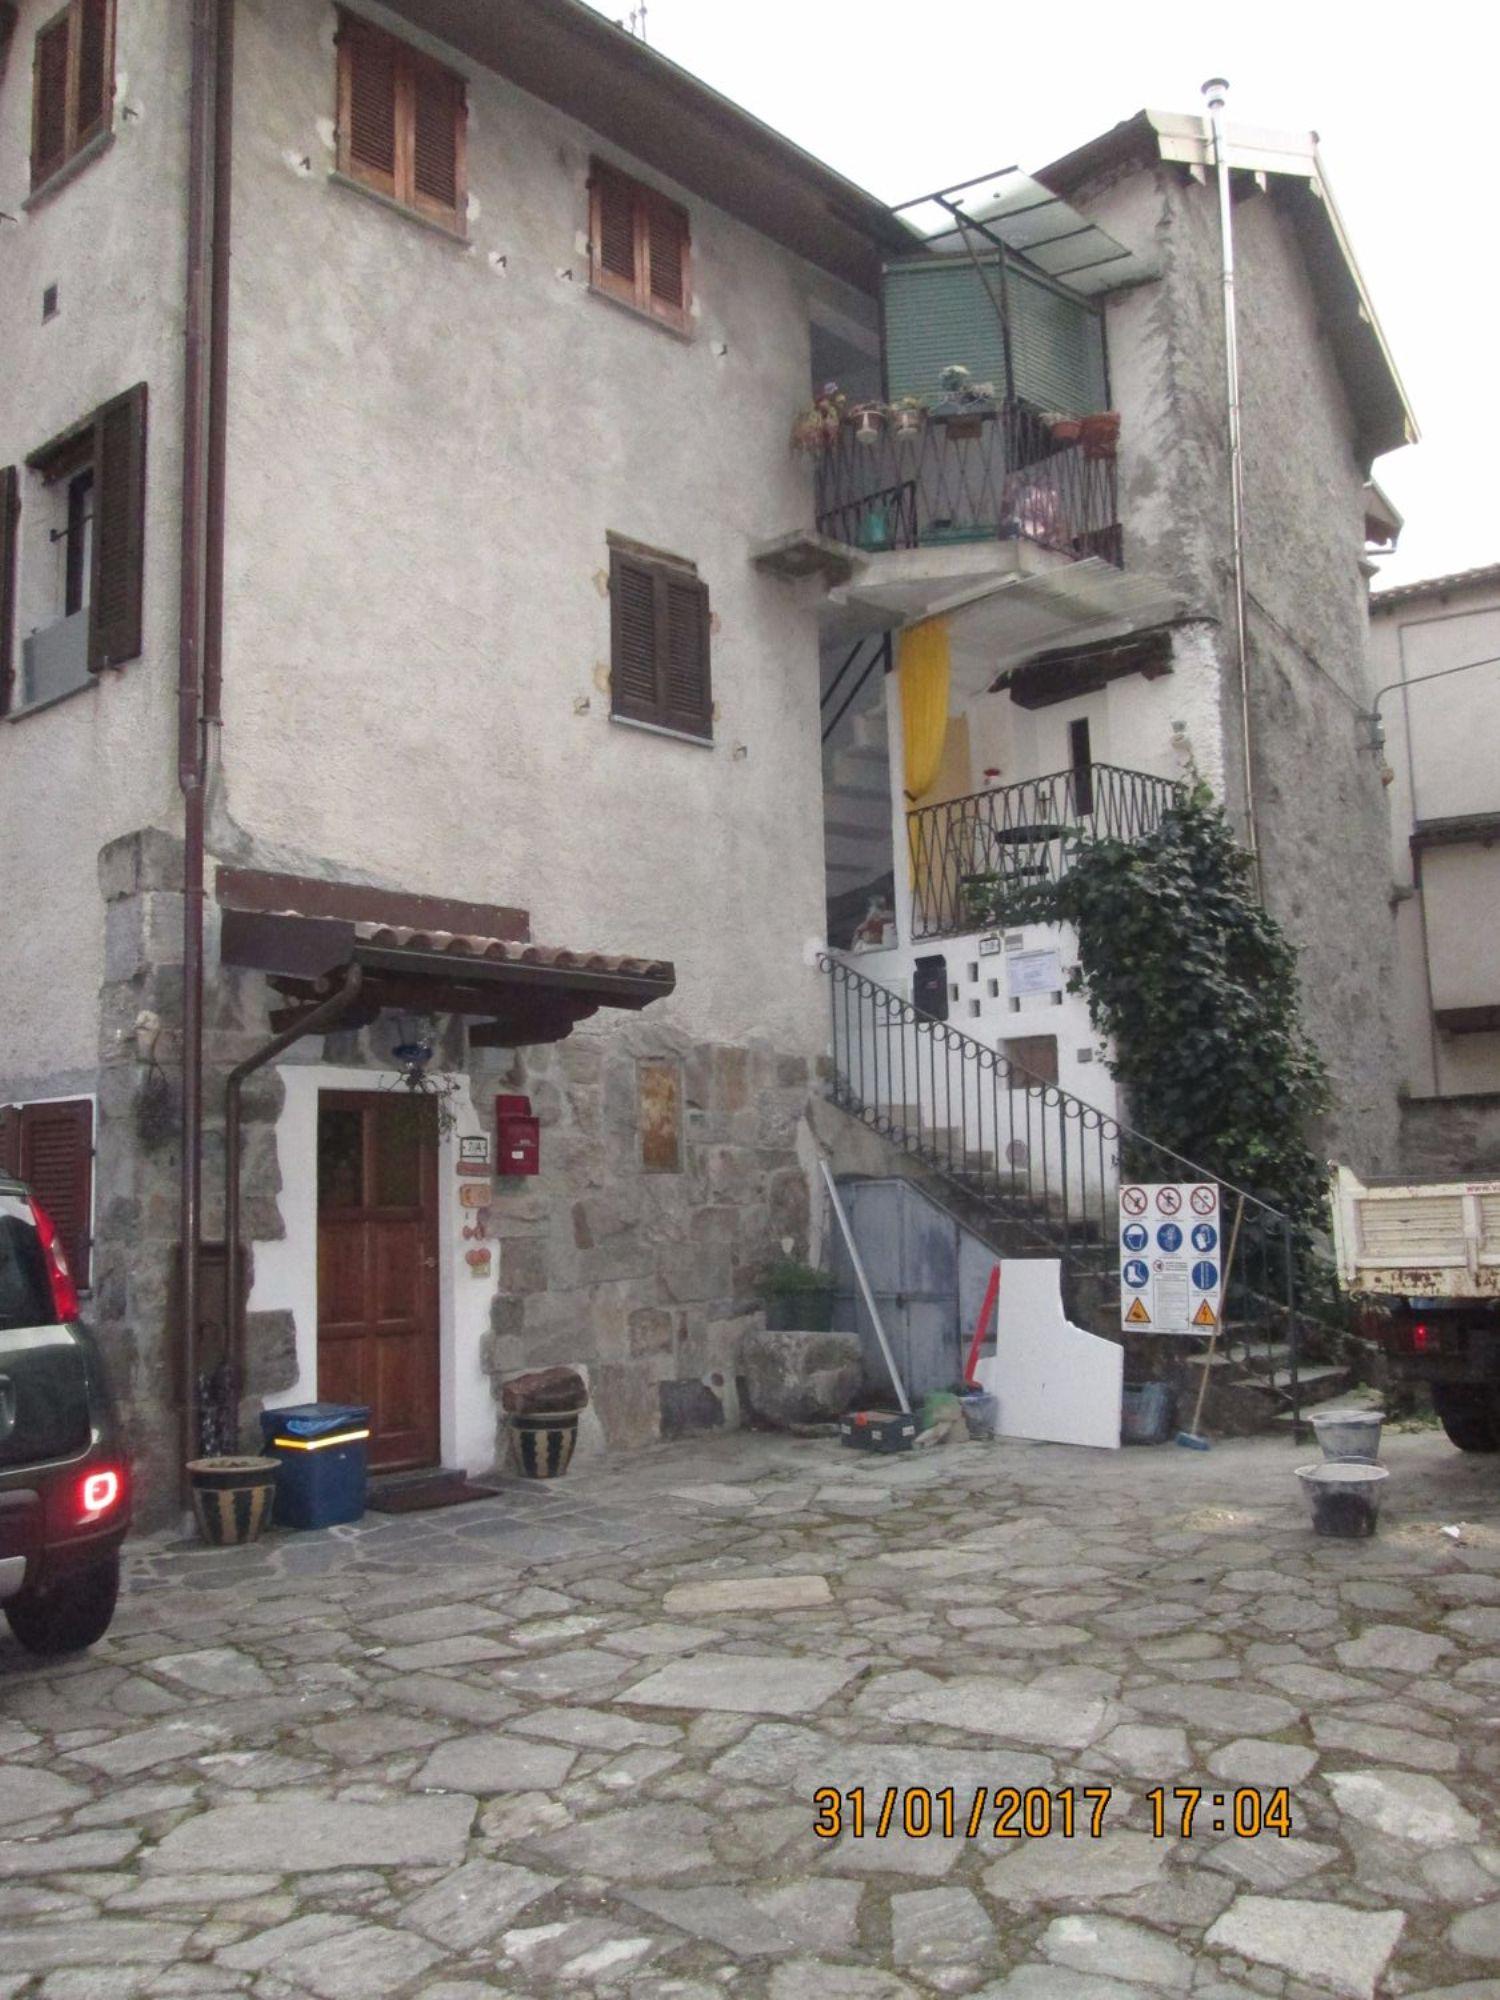 Appartamento in vendita a Oggebbio, 3 locali, prezzo € 165.000 | CambioCasa.it